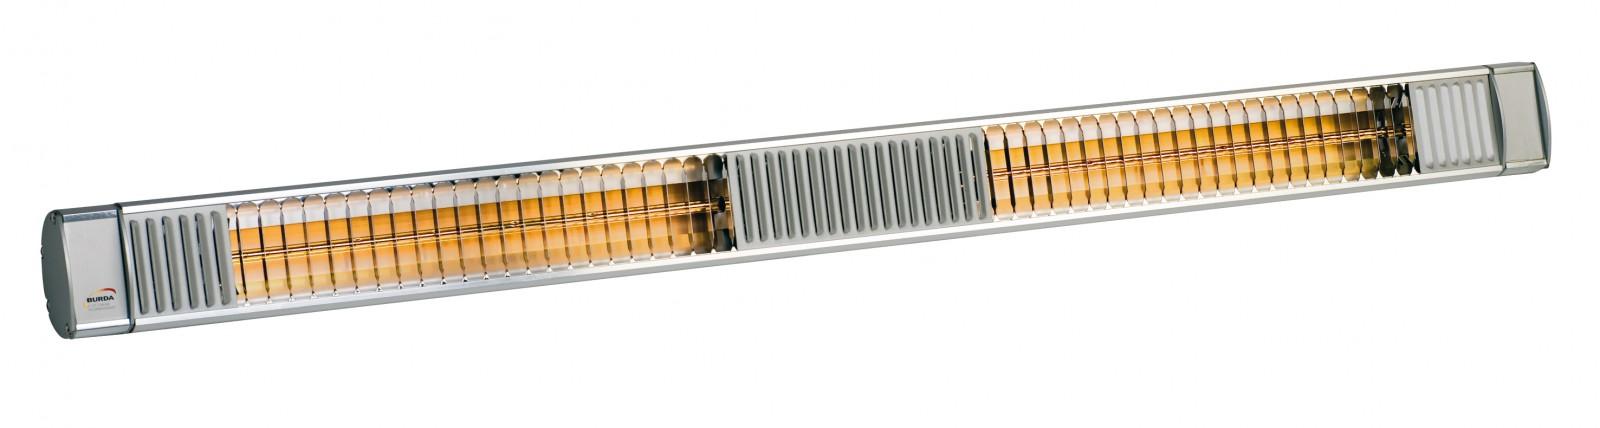 Infrared Heater Term2000 Ip67 Multi 2 4000 Watt 400 V